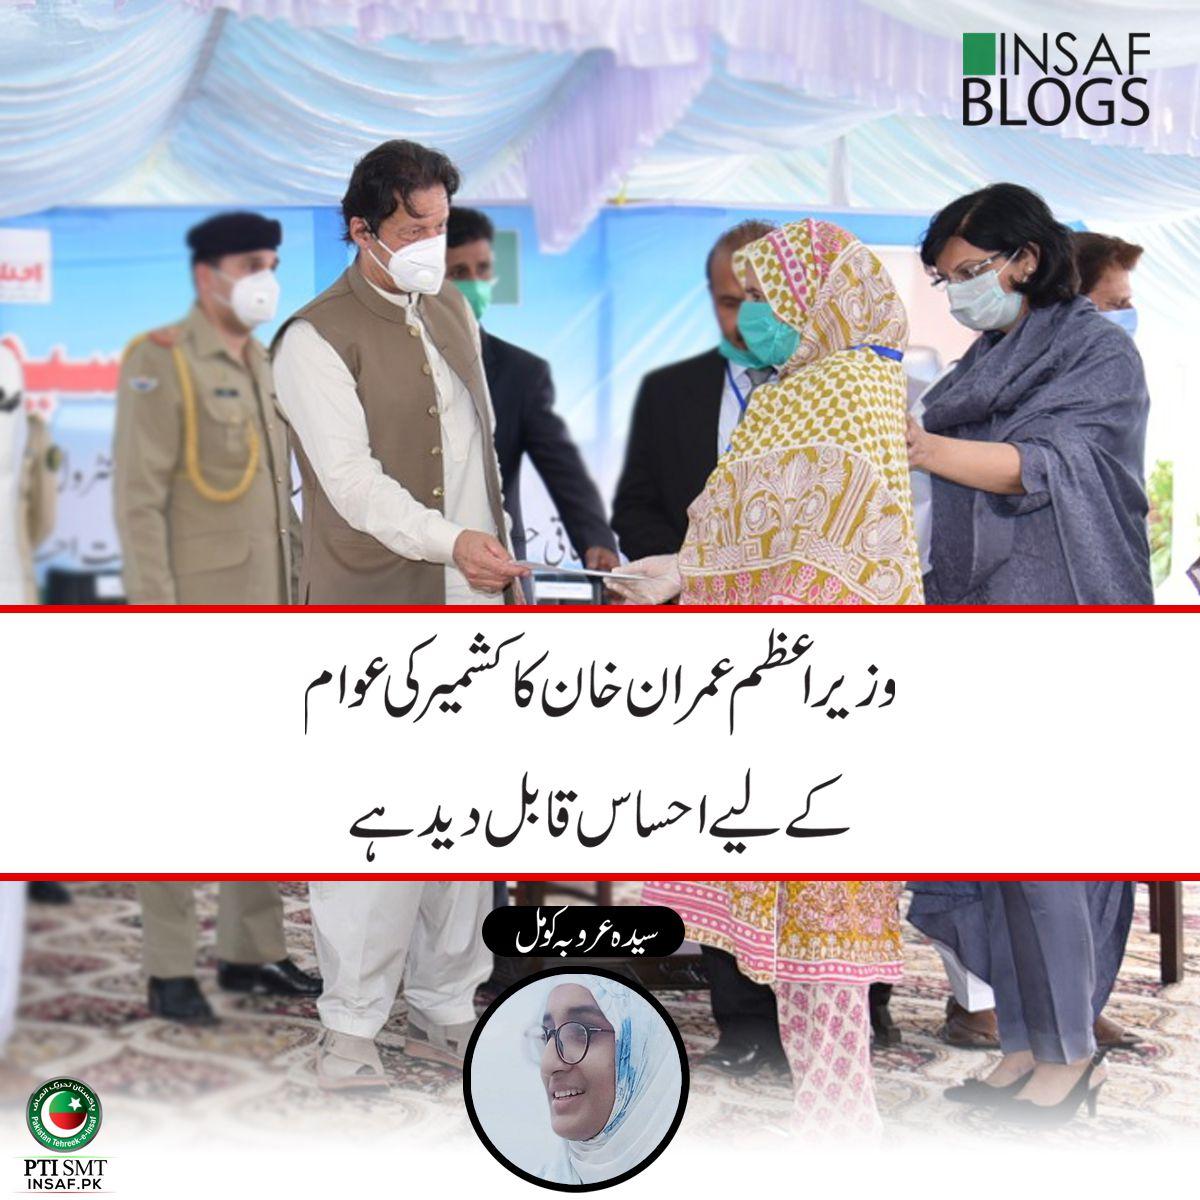 Prime Minister Imran Khan's effort about AJK